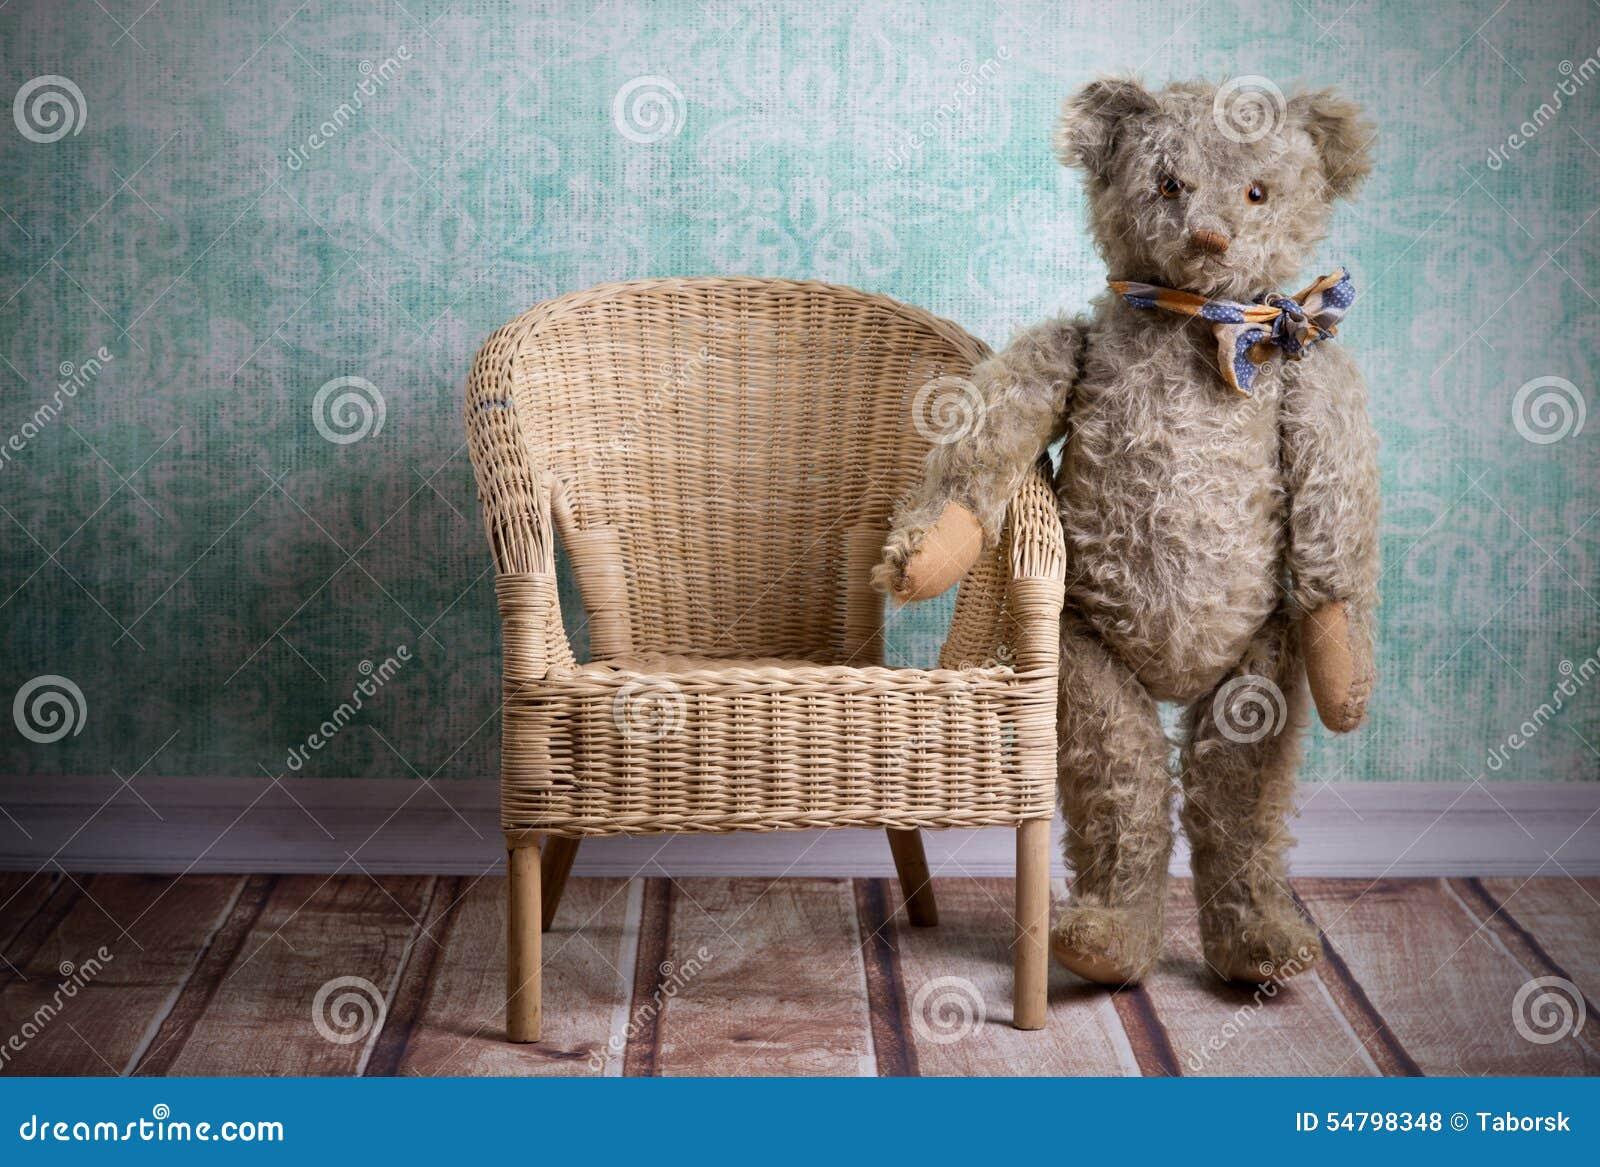 vintage teddy bear stock photo image of childhood adorable 54798348. Black Bedroom Furniture Sets. Home Design Ideas